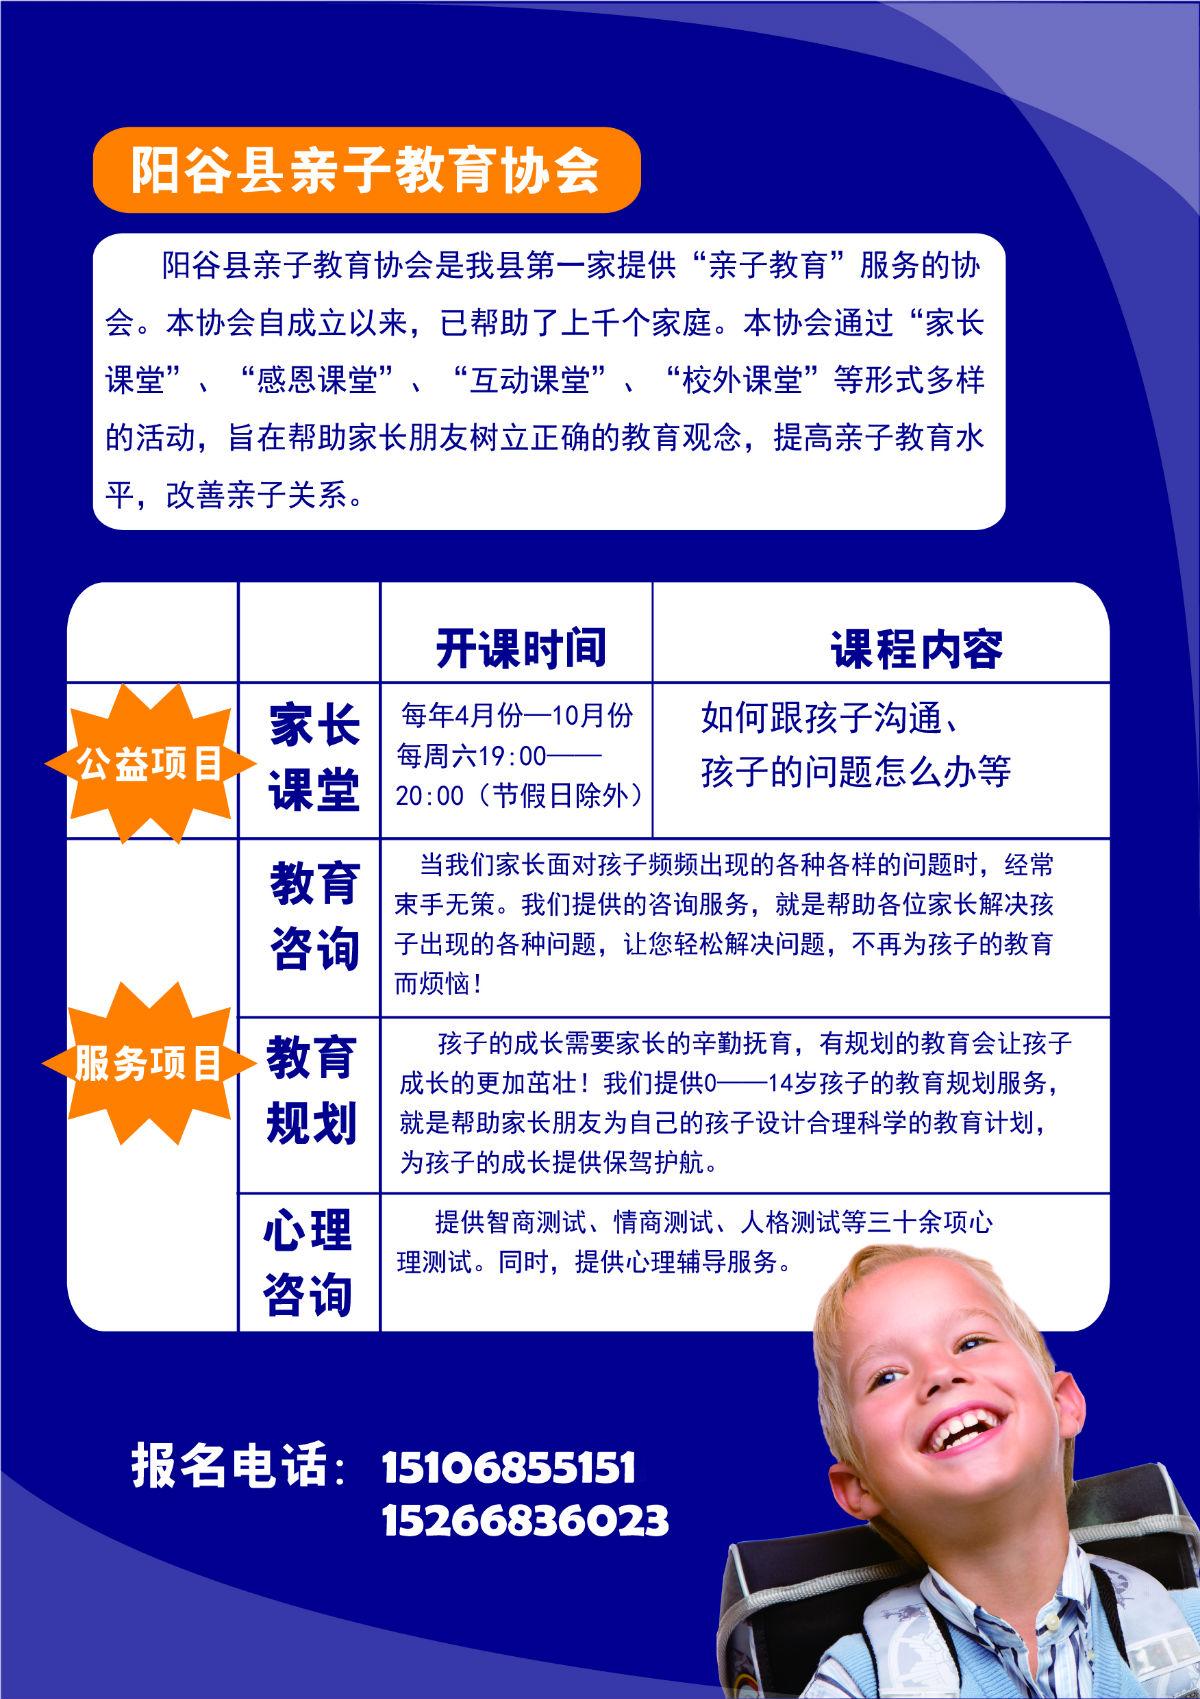 陽谷親子教育協會招生